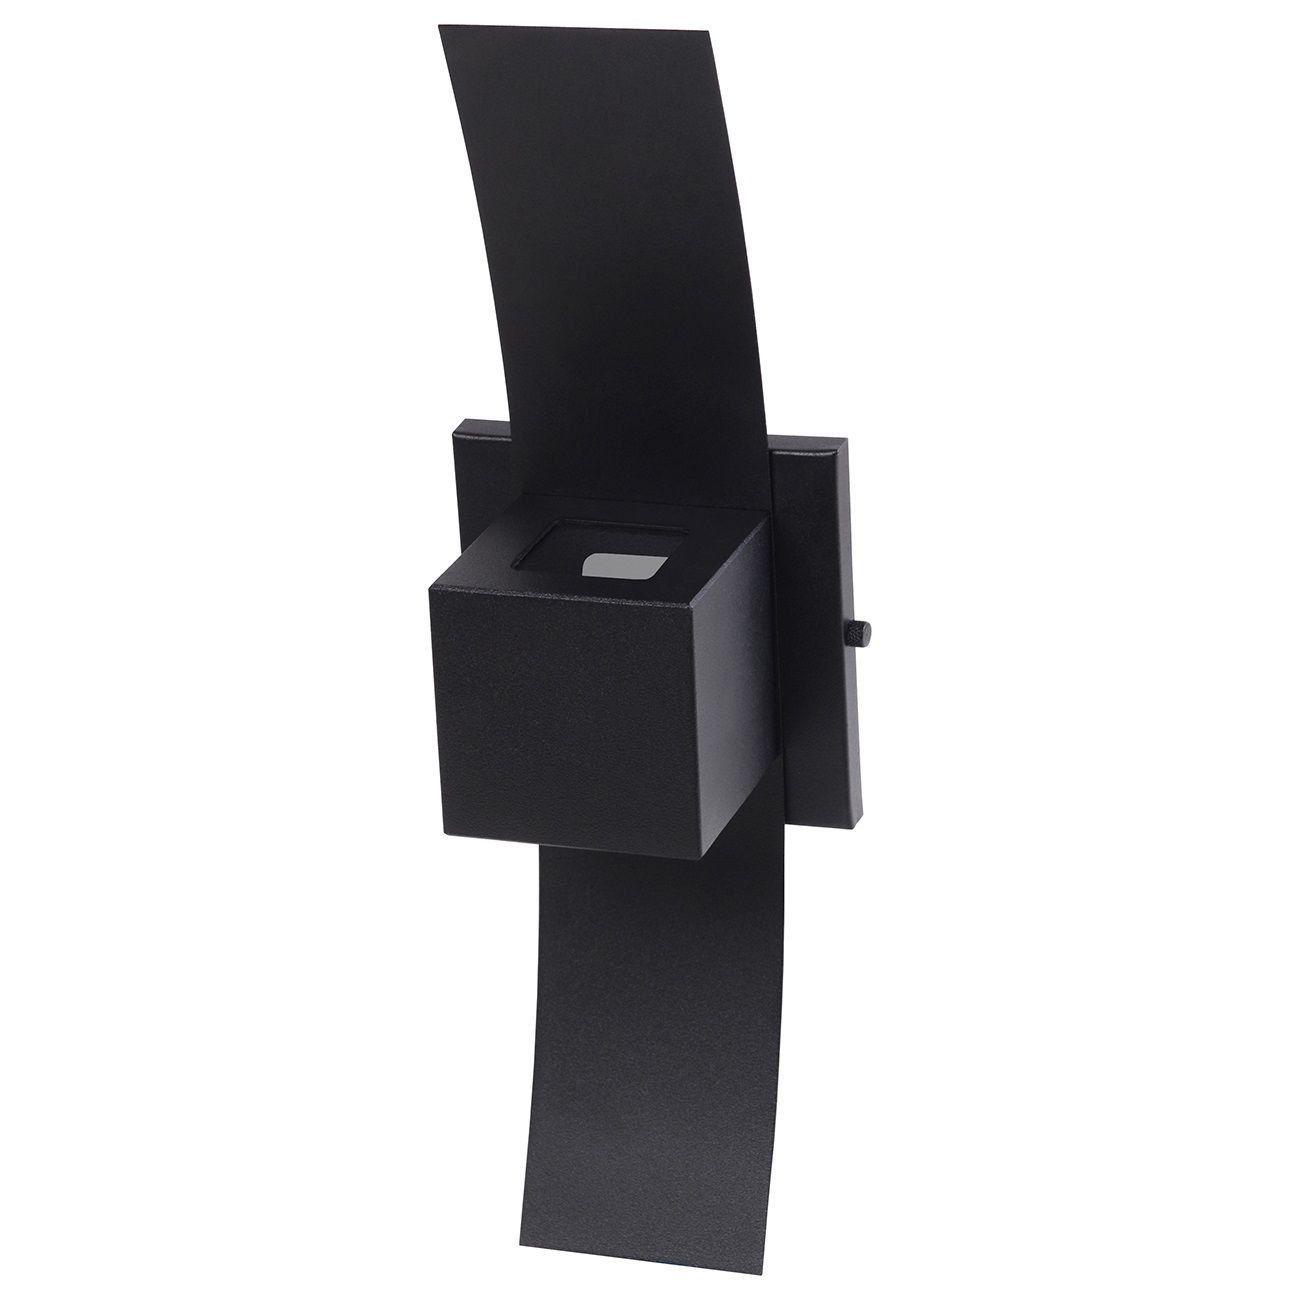 Arandela Box com Aba 2 Focos Luminária Externa Interna Muro Parede Alumínio Preto - Rei da Iluminação